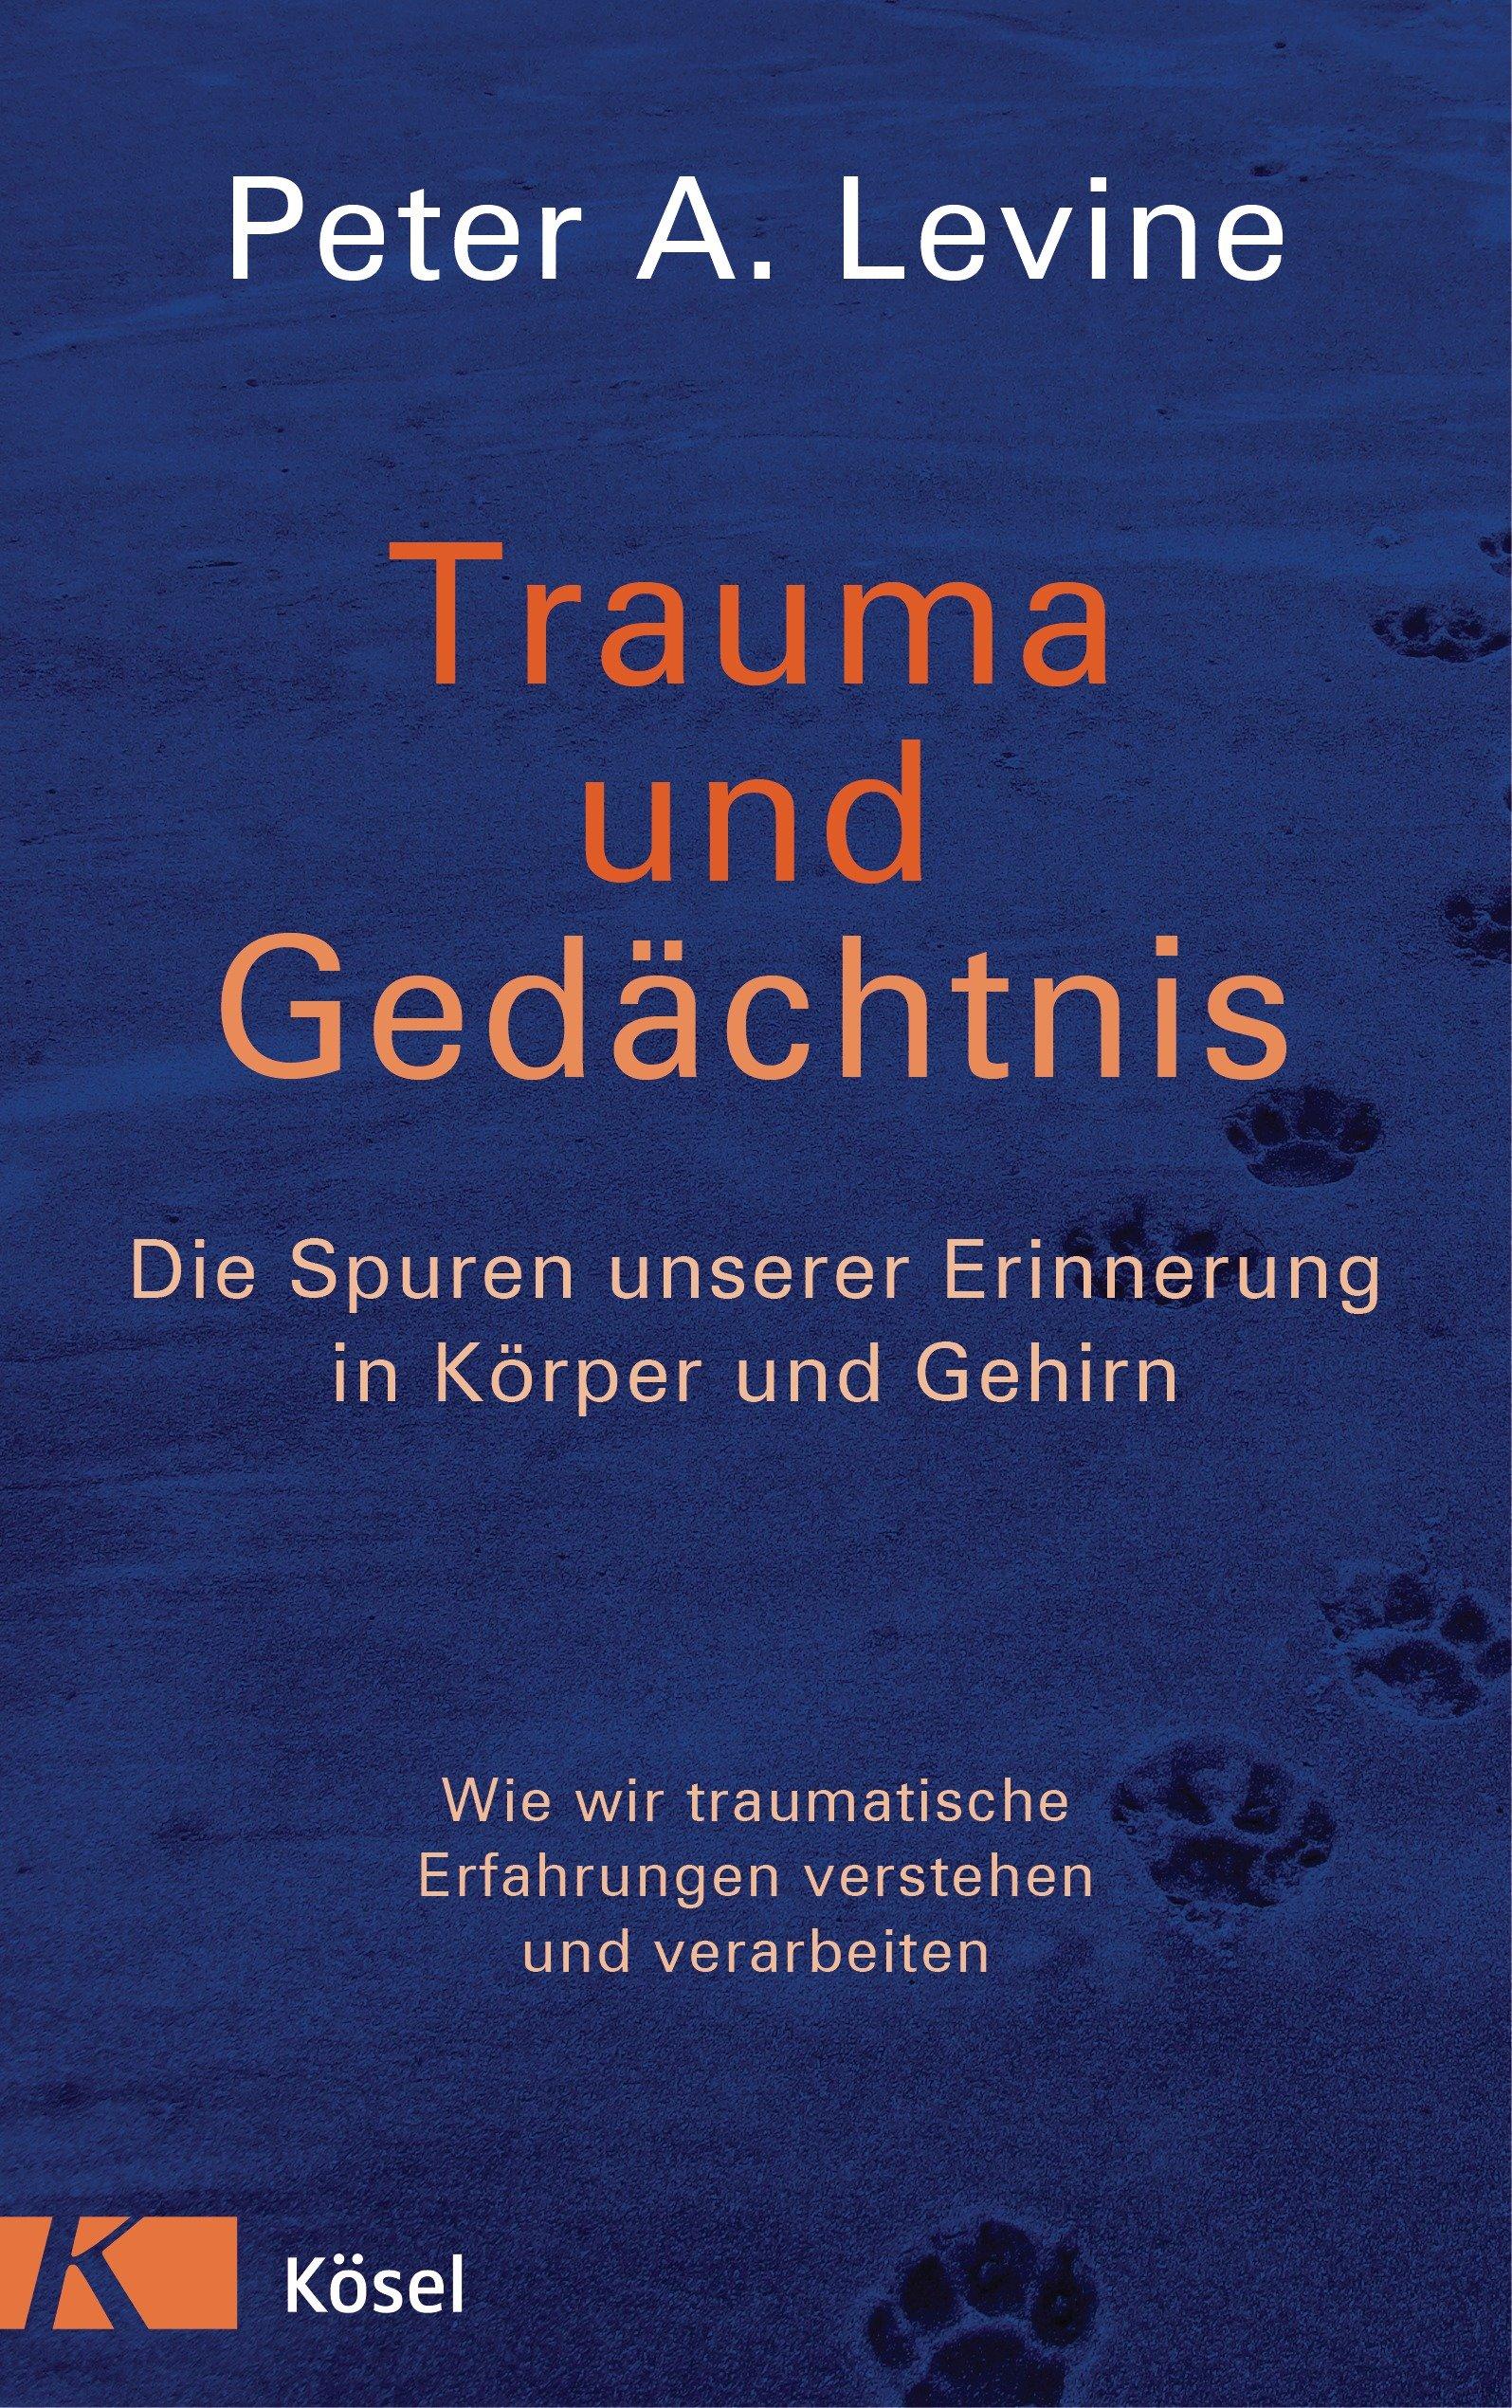 Trauma Und Gedächtnis  Die Spuren Unserer Erinnerung In Körper Und Gehirn   Wie Wir Traumatische Erfahrungen Verstehen Und Verarbeiten